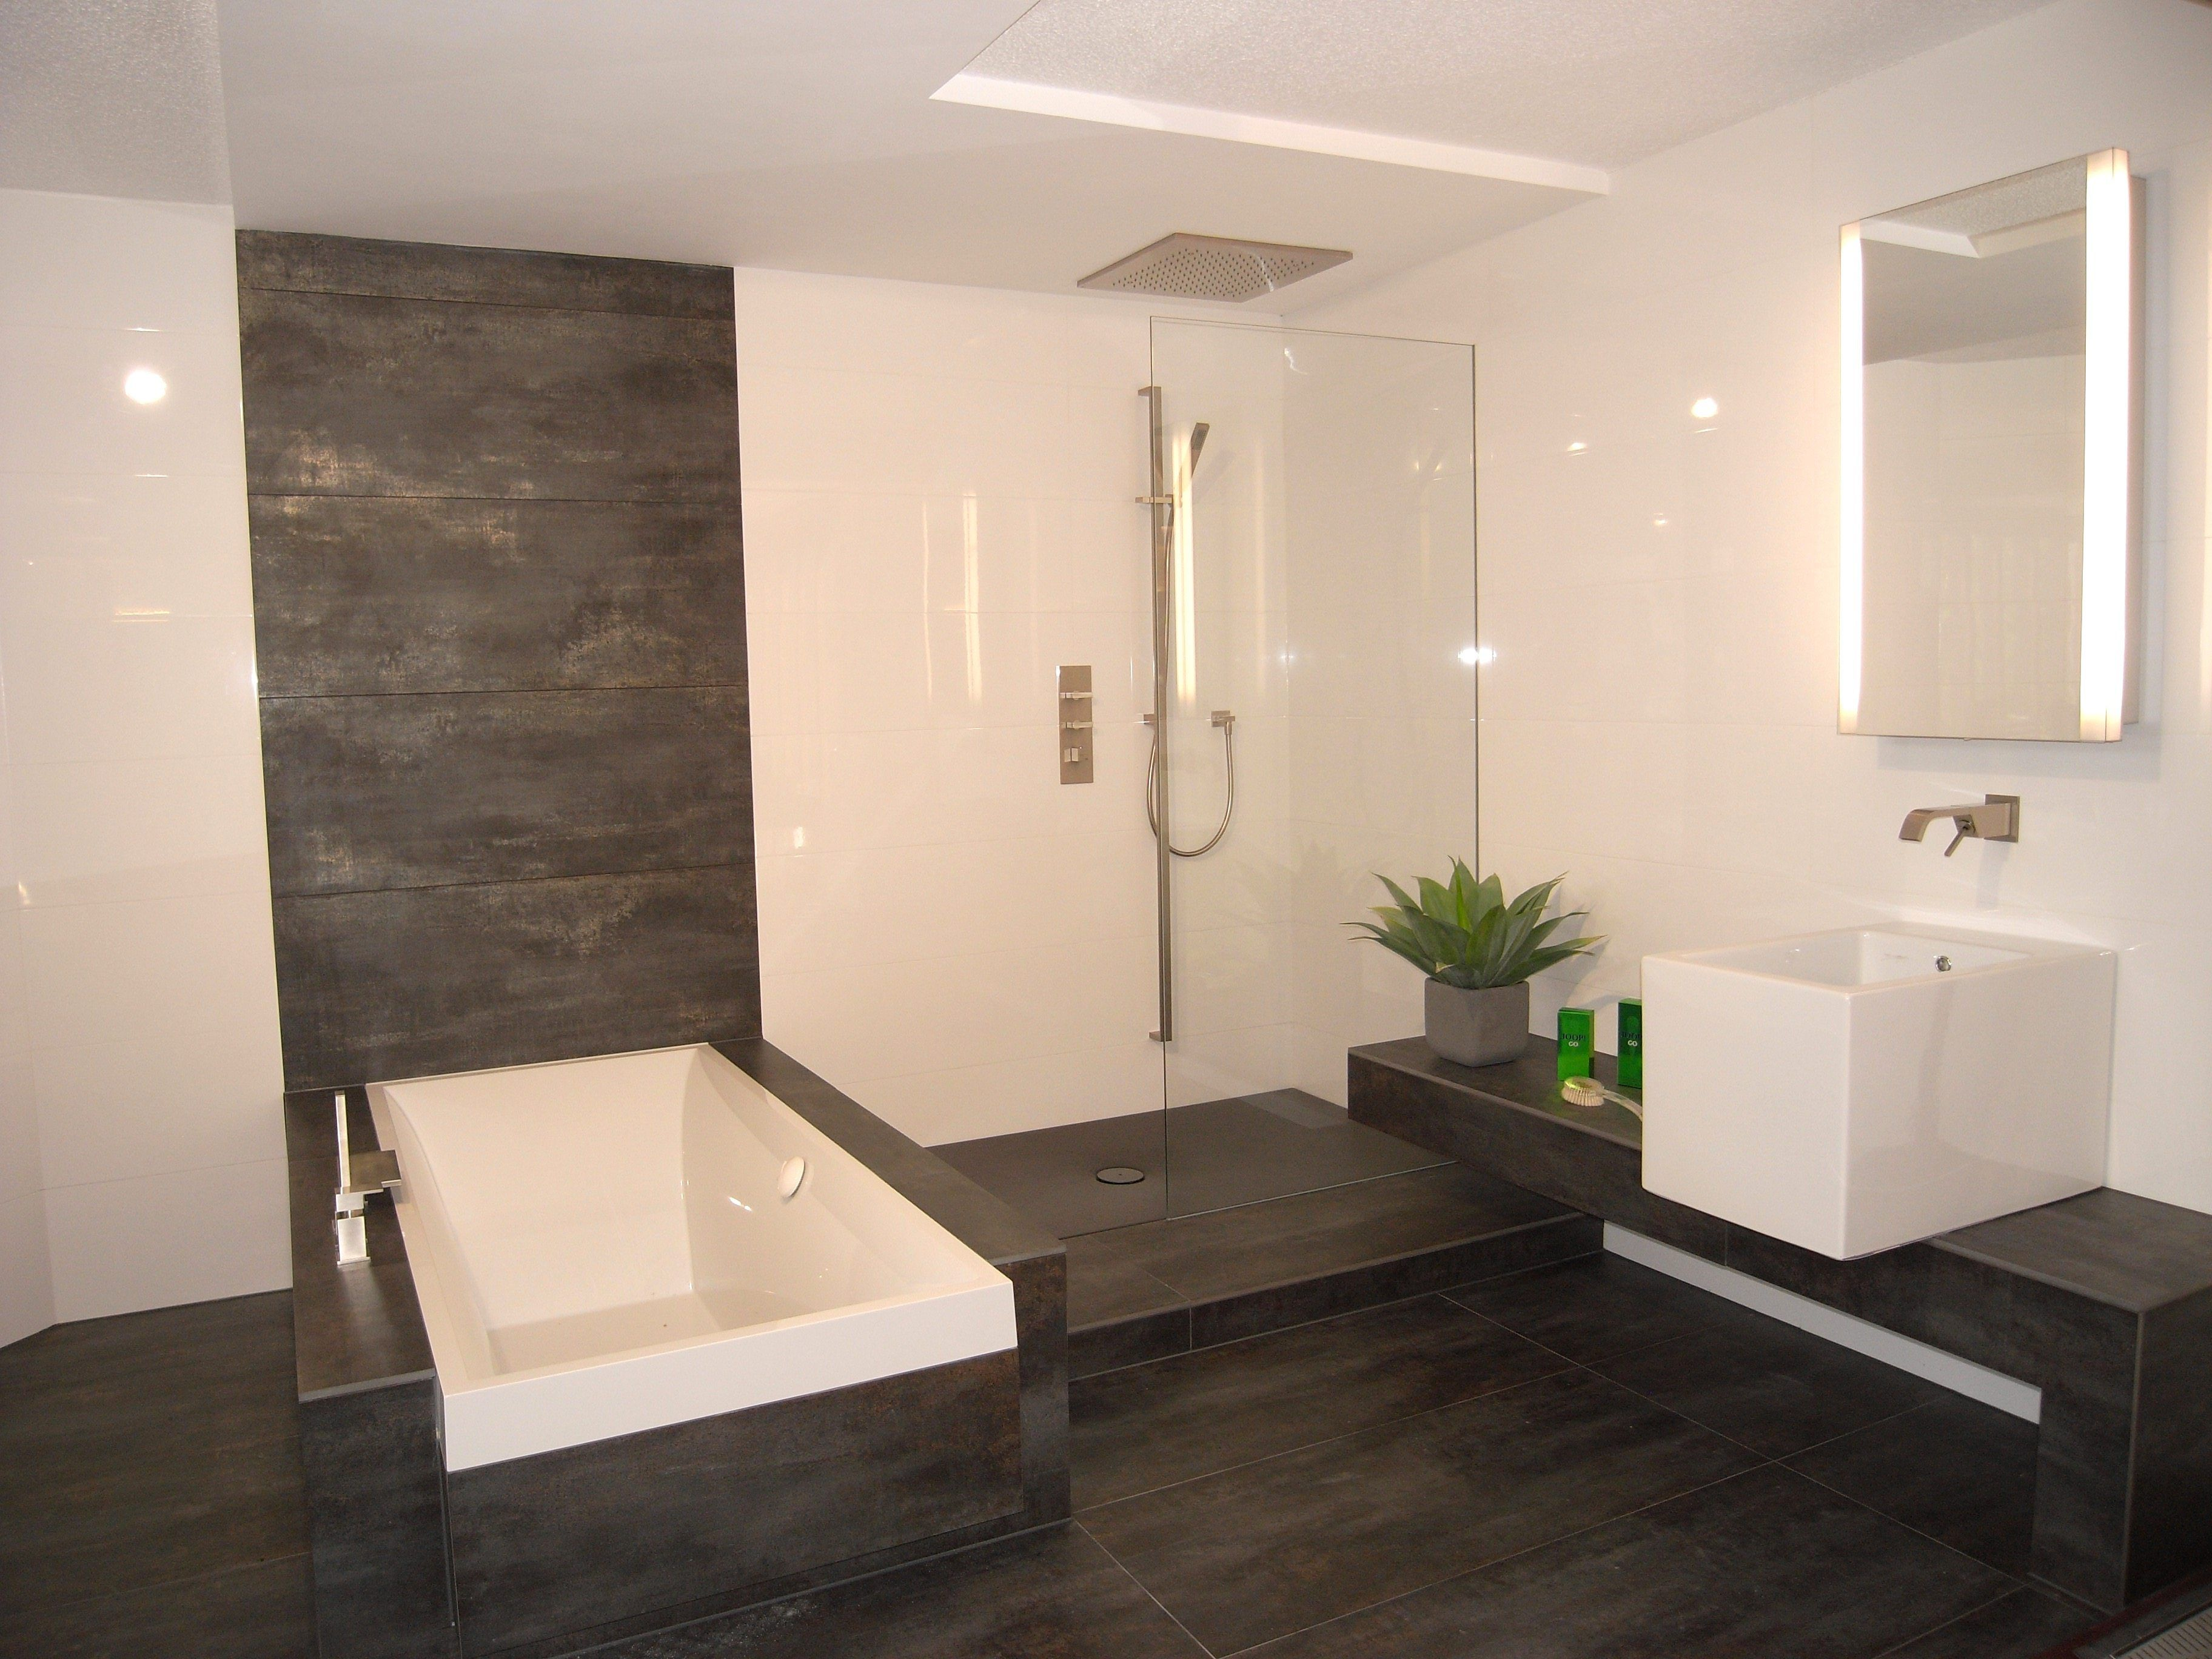 AuBergewohnlich Wellness Badezimmer Ideen